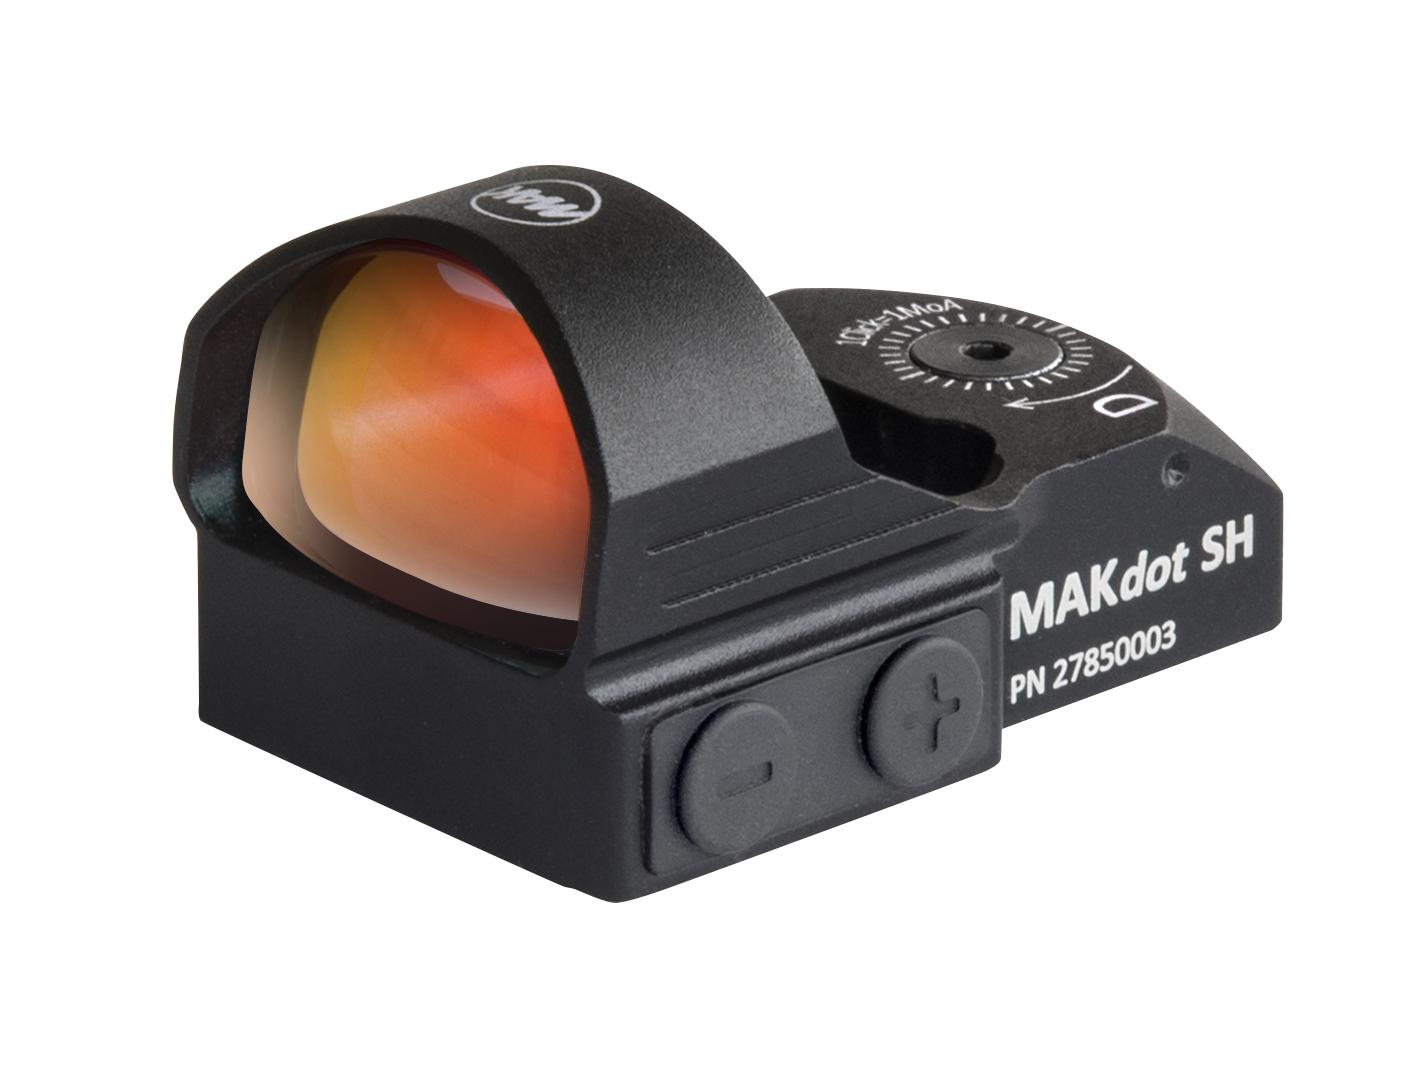 MAK MAKdot SH - Red Dot/Reflexvisier